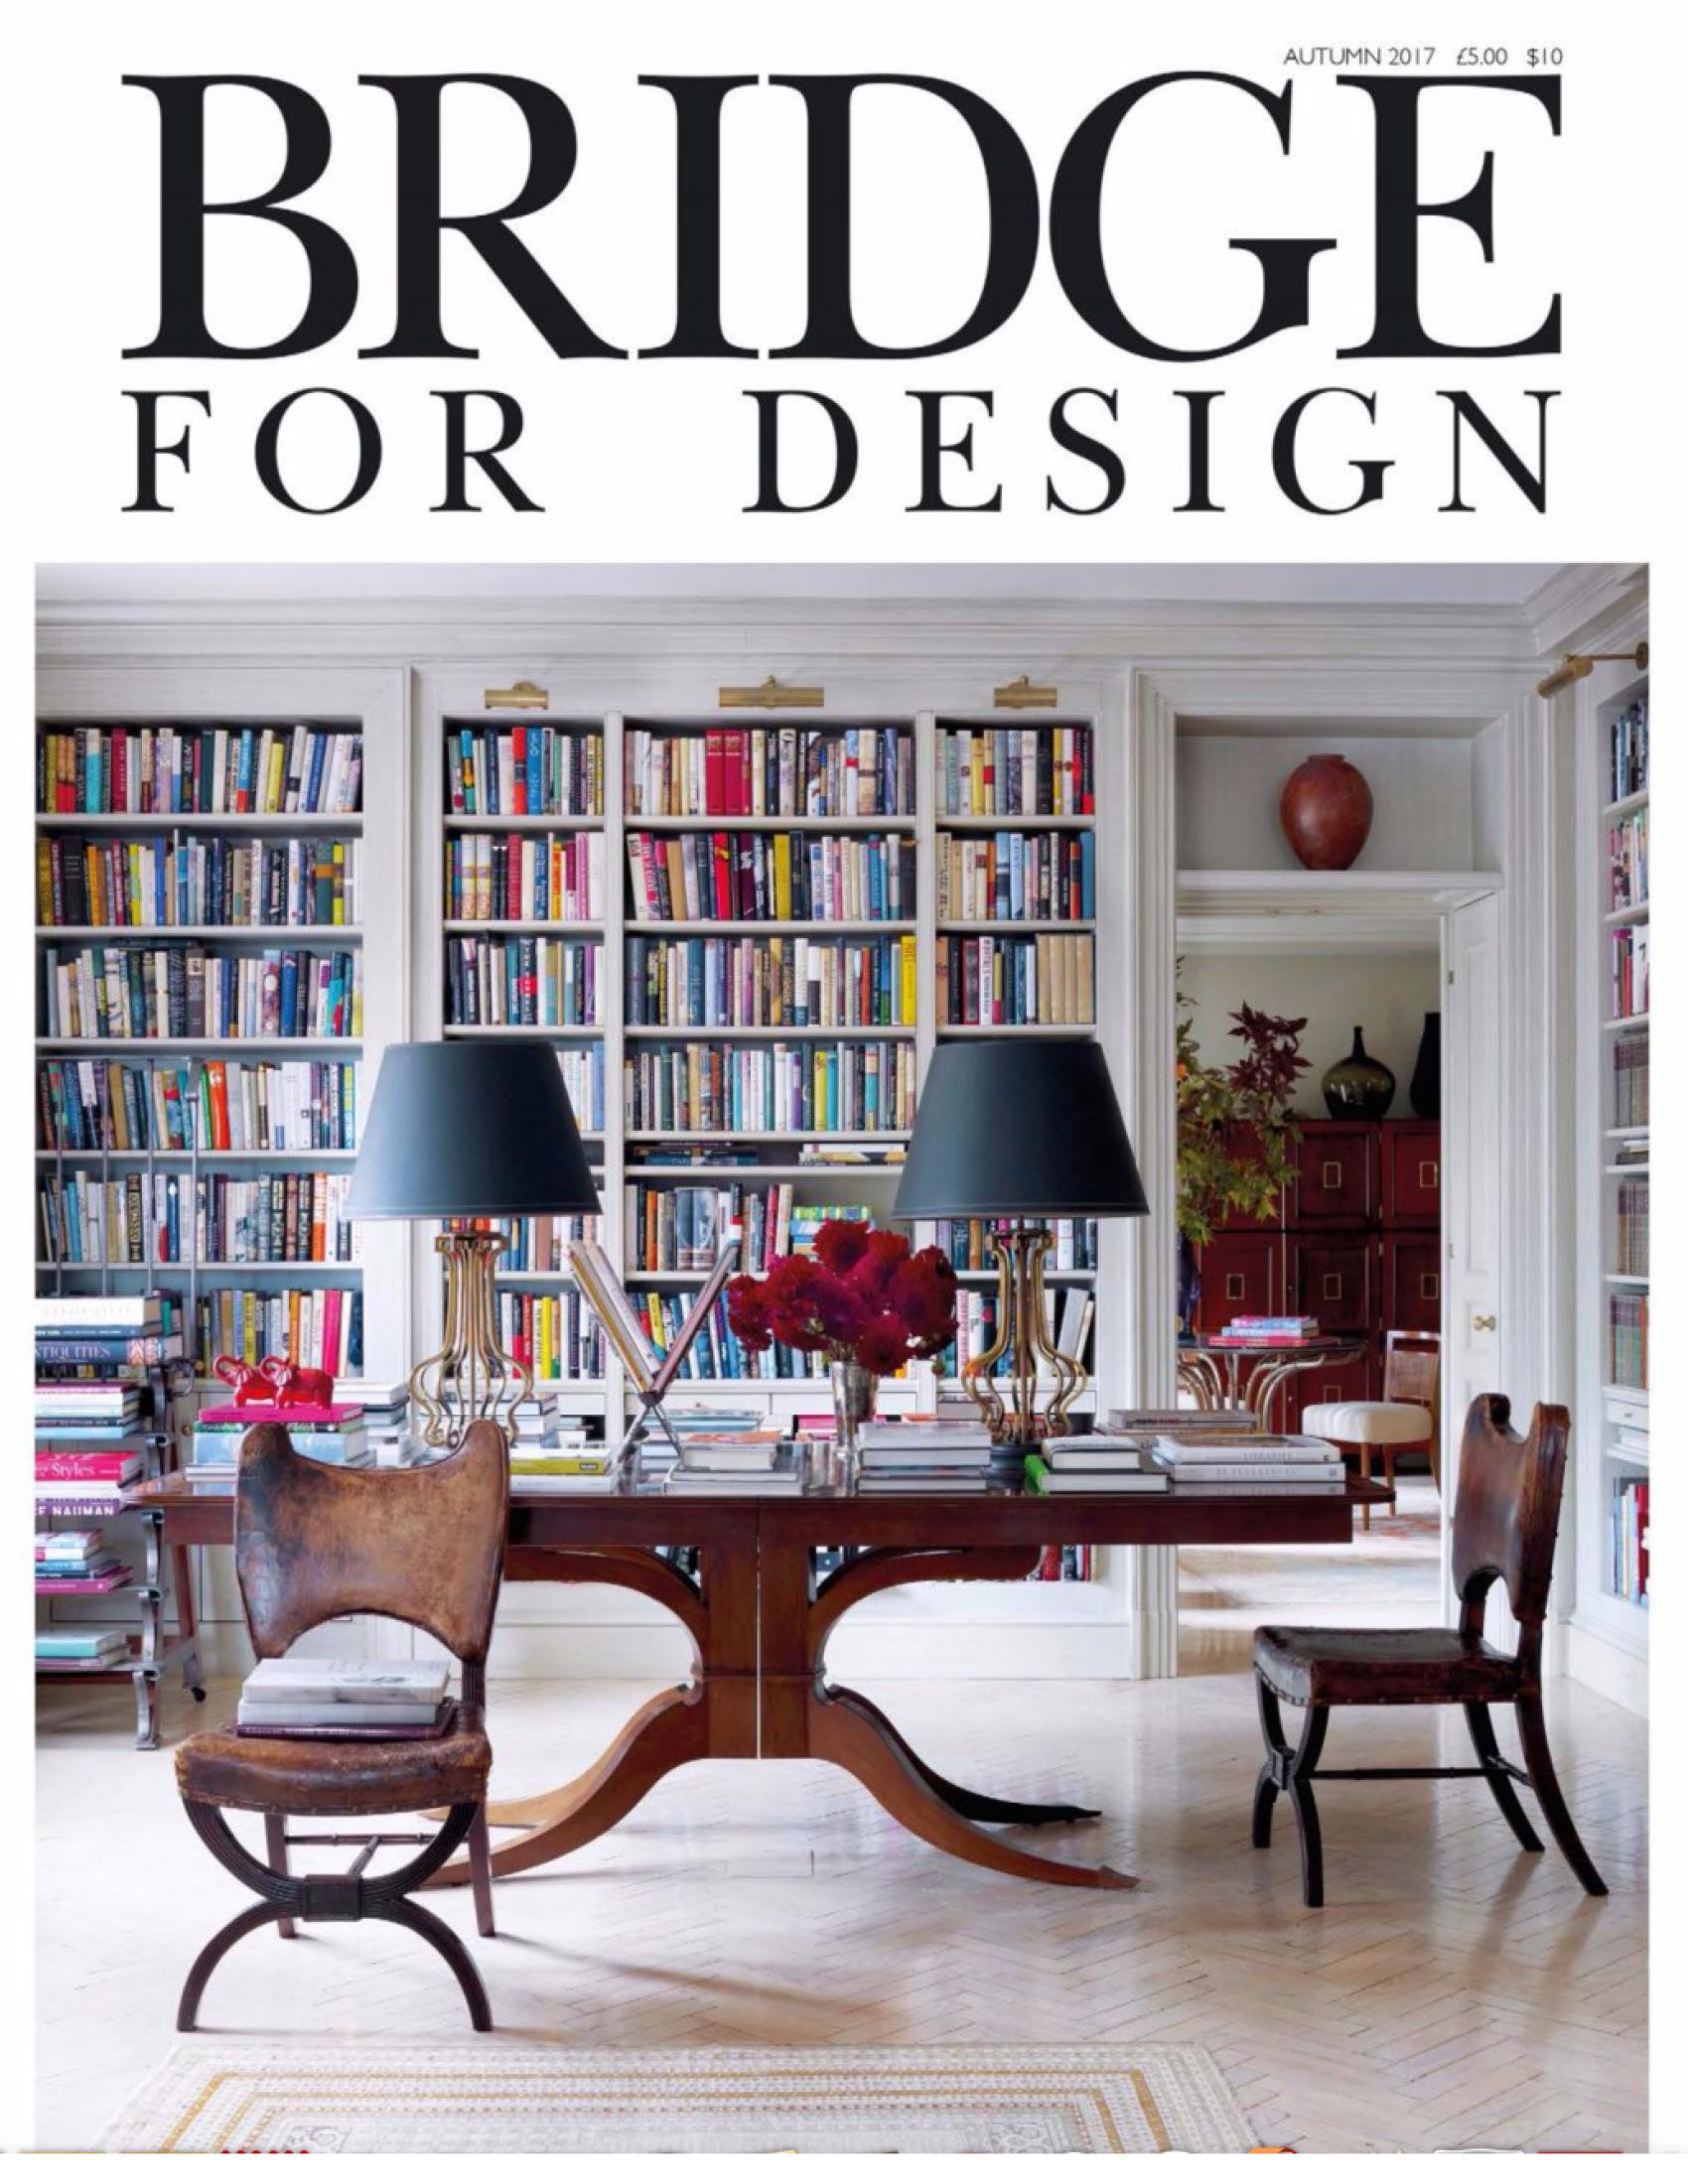 Bridge For Design, Autumn 2017